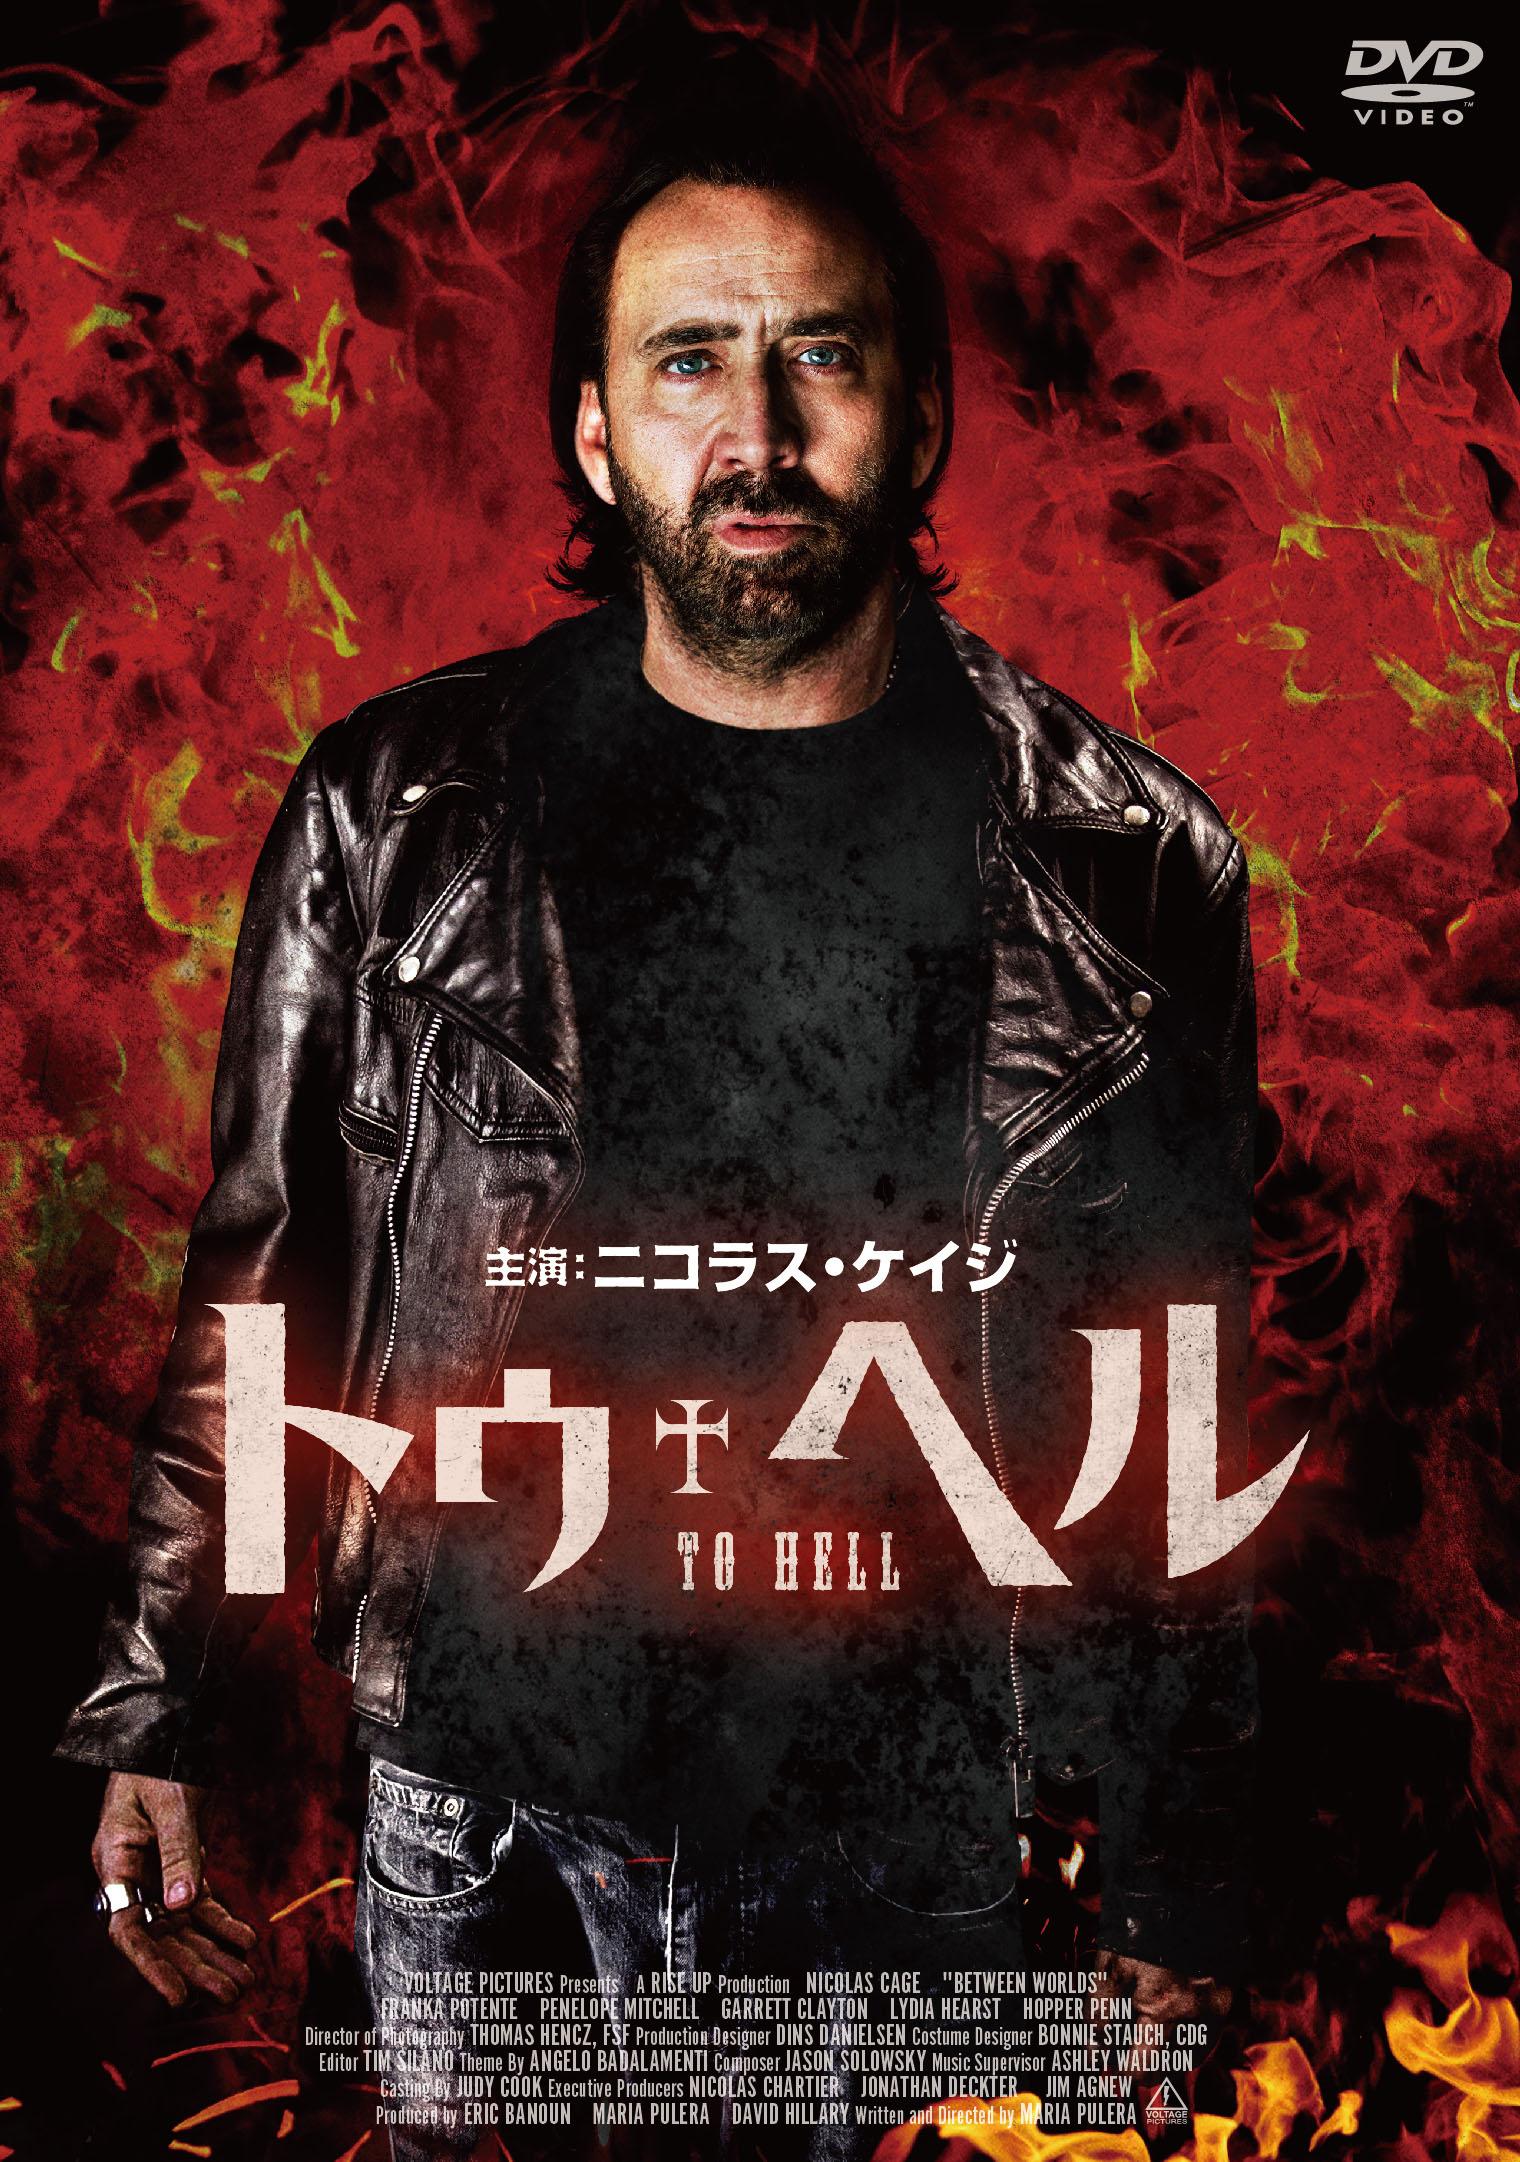 今度のニコラス・ケイジは、地獄へと導かれる男の愛と狂気を熱演!ニコラス・ケイジ主演最新作『トゥ・ヘル』5月10日(金)DVD発売決定!